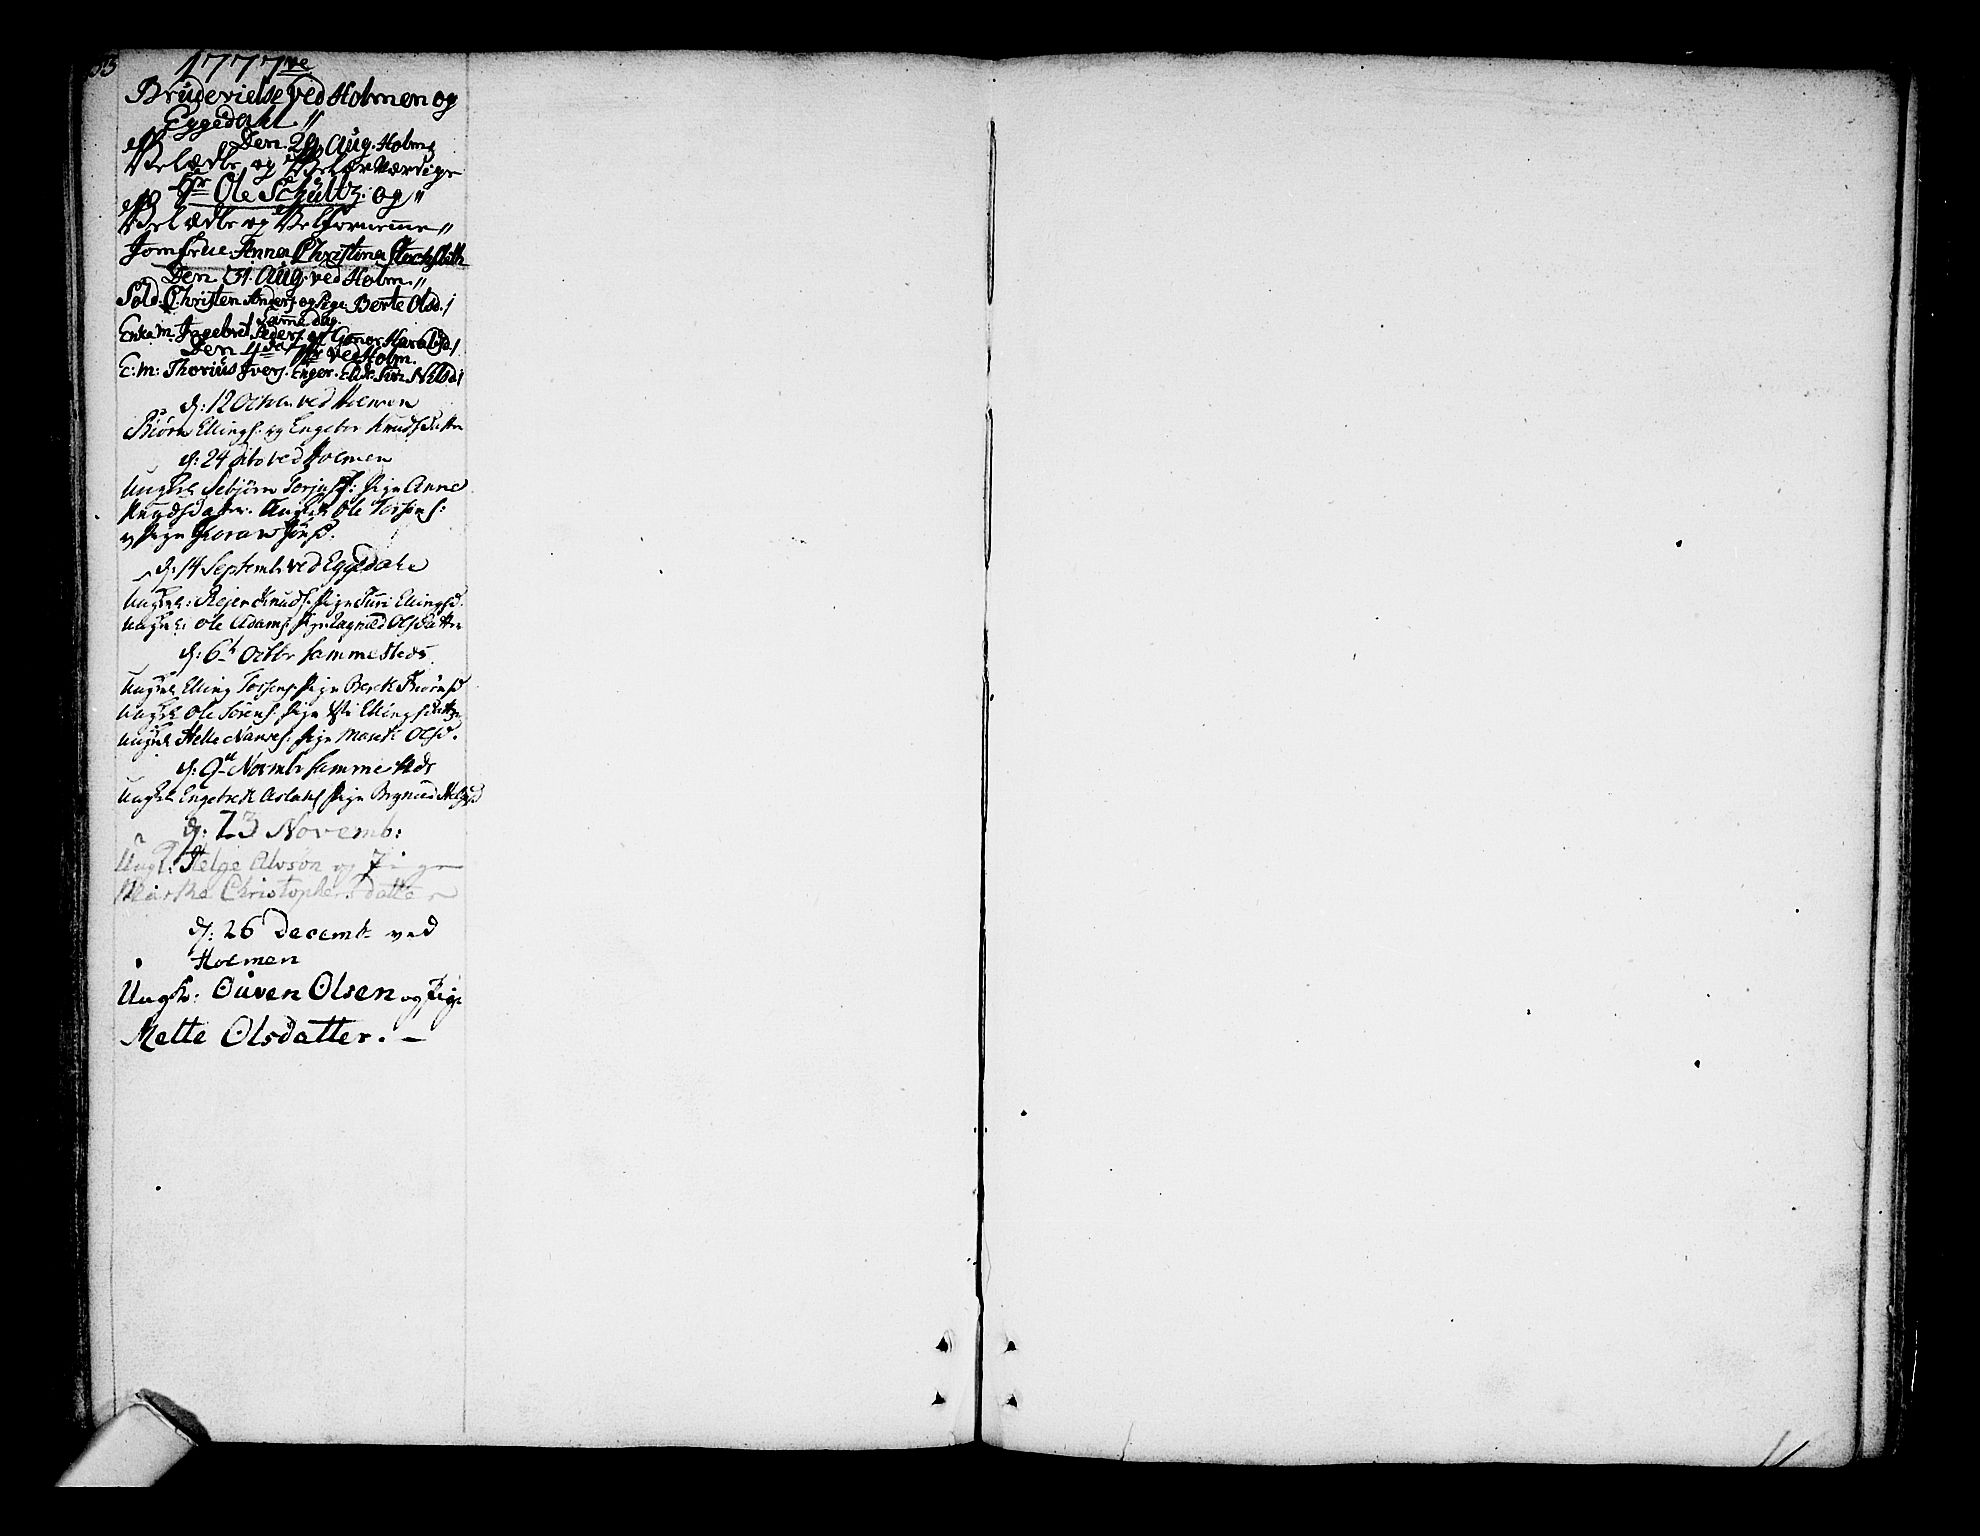 SAKO, Sigdal kirkebøker, F/Fa/L0001: Ministerialbok nr. I 1, 1722-1777, s. 153-154